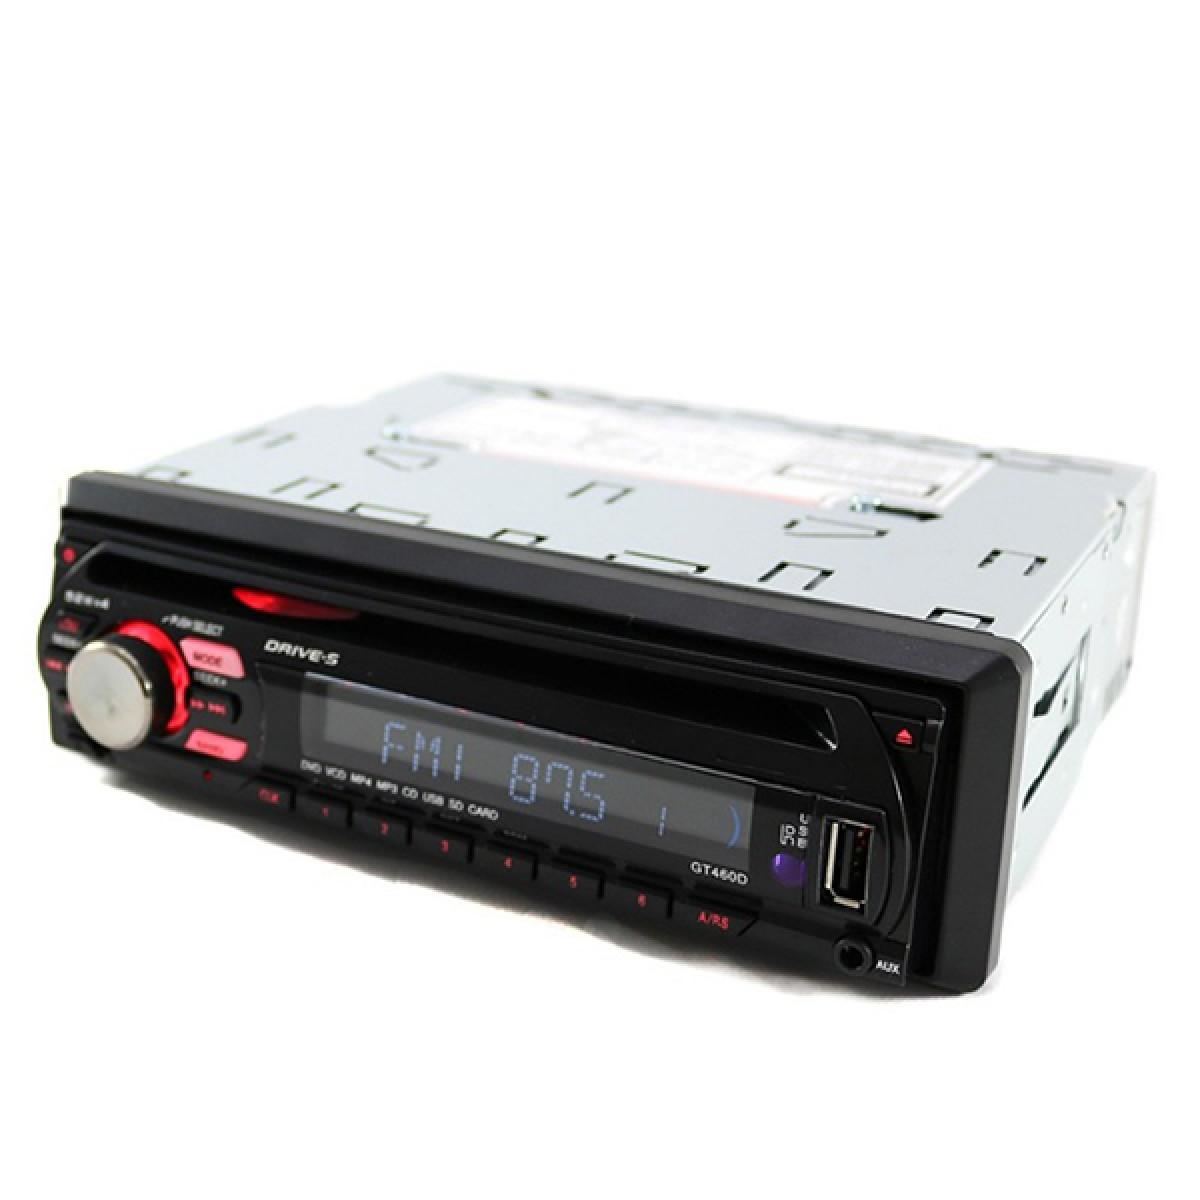 Ραδιο CD/MP3/USB Αυτοκινήτου S-GT460U-OEM